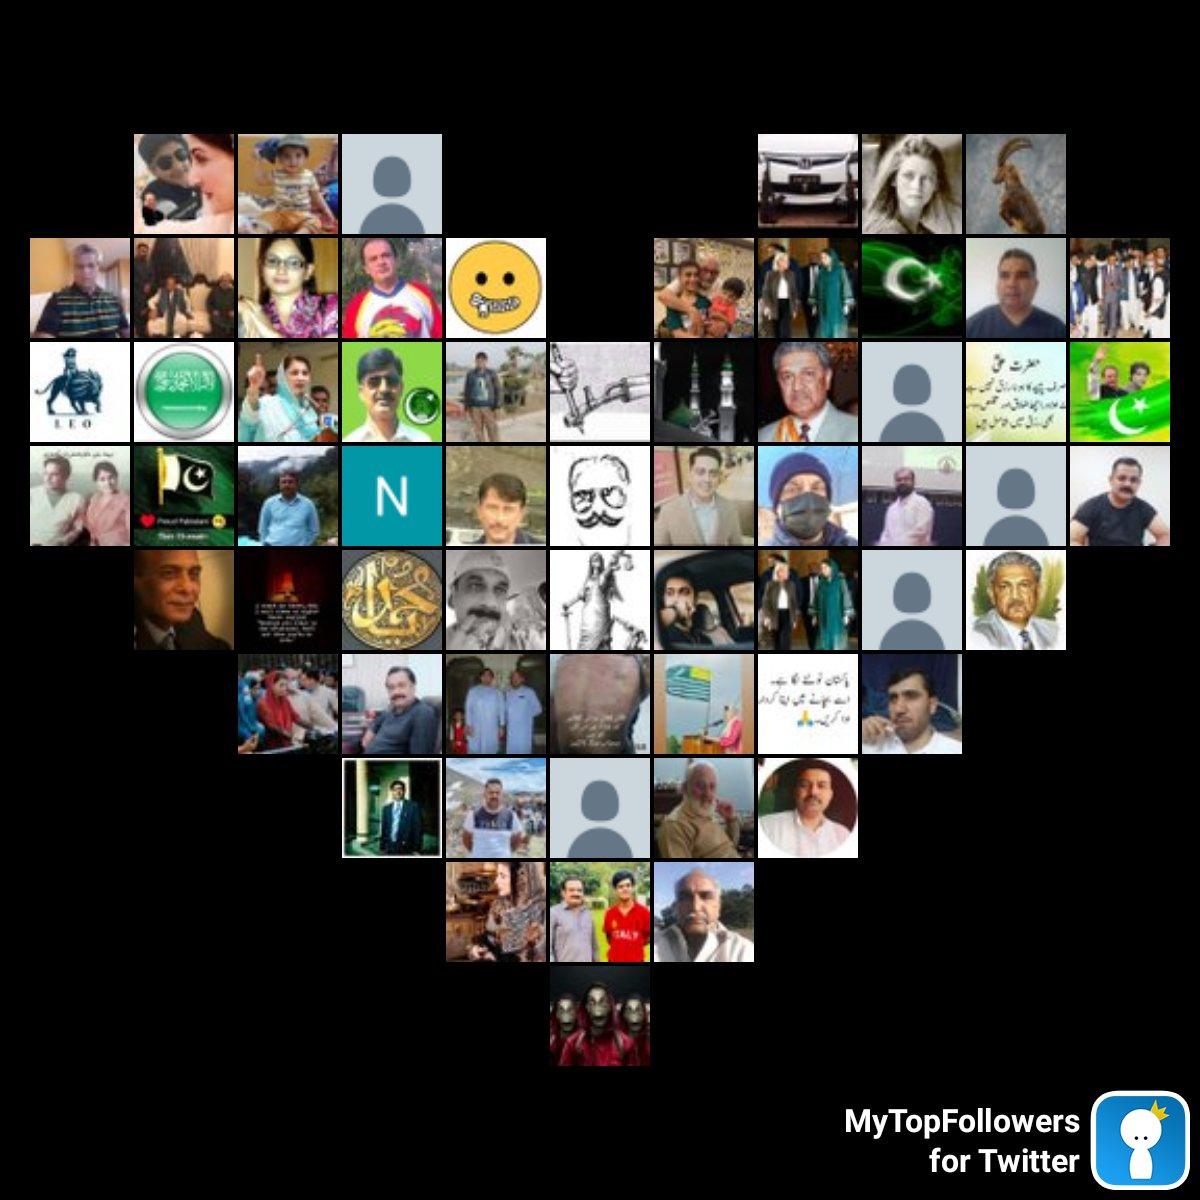 My top amazing fans #mytopfollowers via dixapp.com/mytopfollowers… Do you see yourself? @Shazil_Jaan1 @Farooqk85995836 @RajaHai15475856 @786Tanveer_Awan @JDP5XMZPCaBuUIG @haaq391 @FayyazCanada @SMTSahiwal @s0n1A5 @BasitRauf13